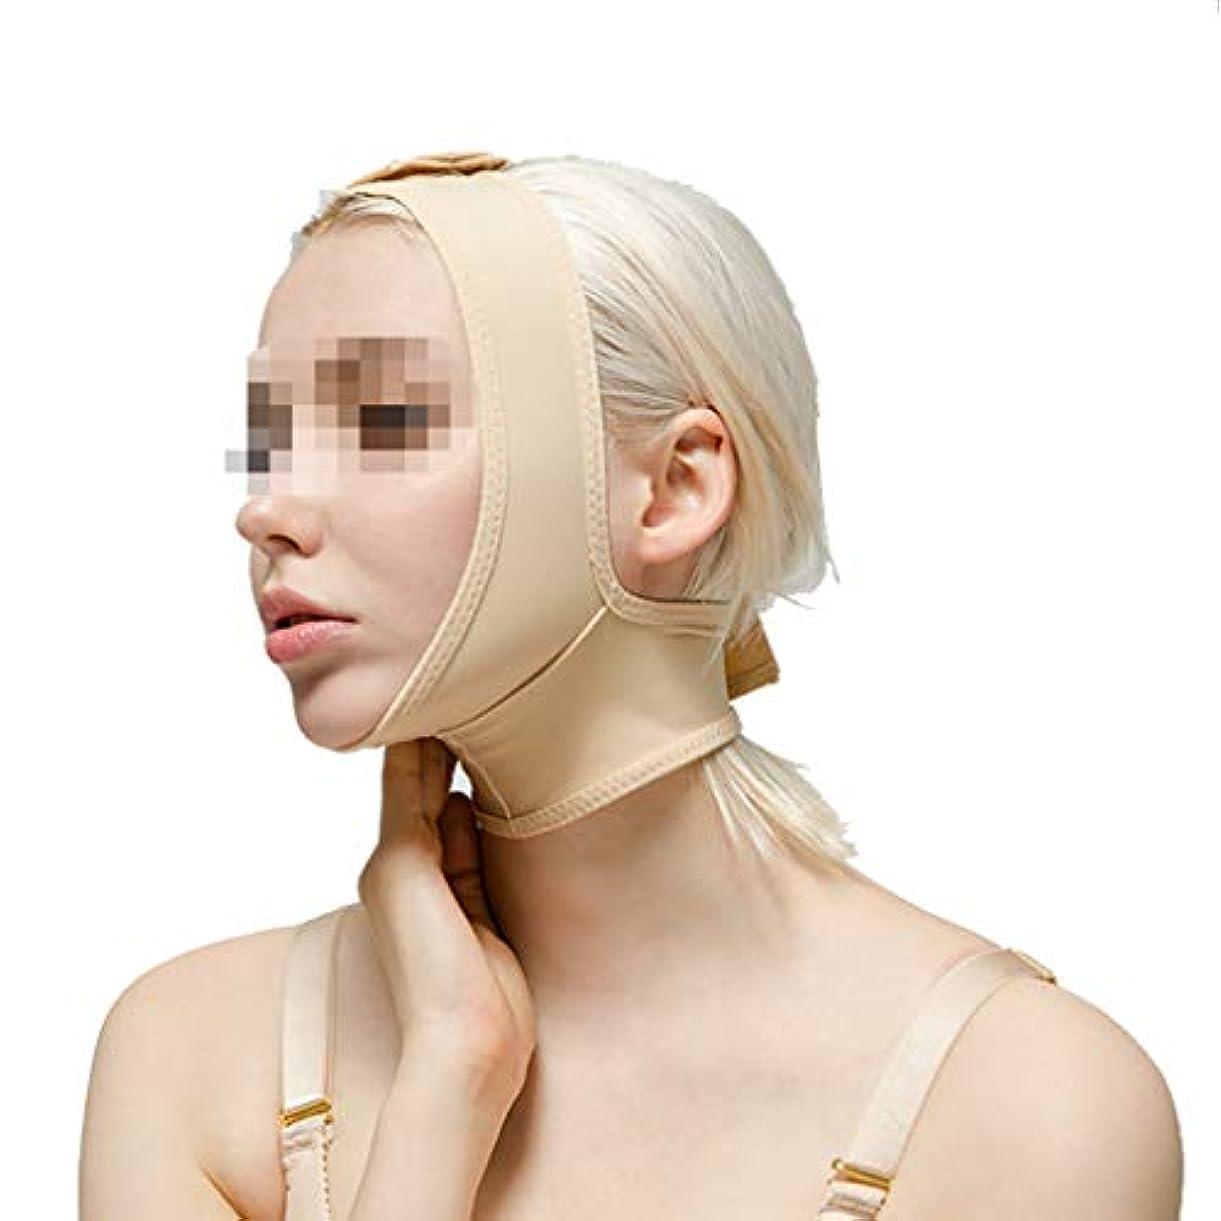 強調する行政視力術後の弾性スリーブ、下顎の束フェイス包帯フェイシャルビームダブルチンシンフェイスマスクマルチサイズオプション (Size : XS)